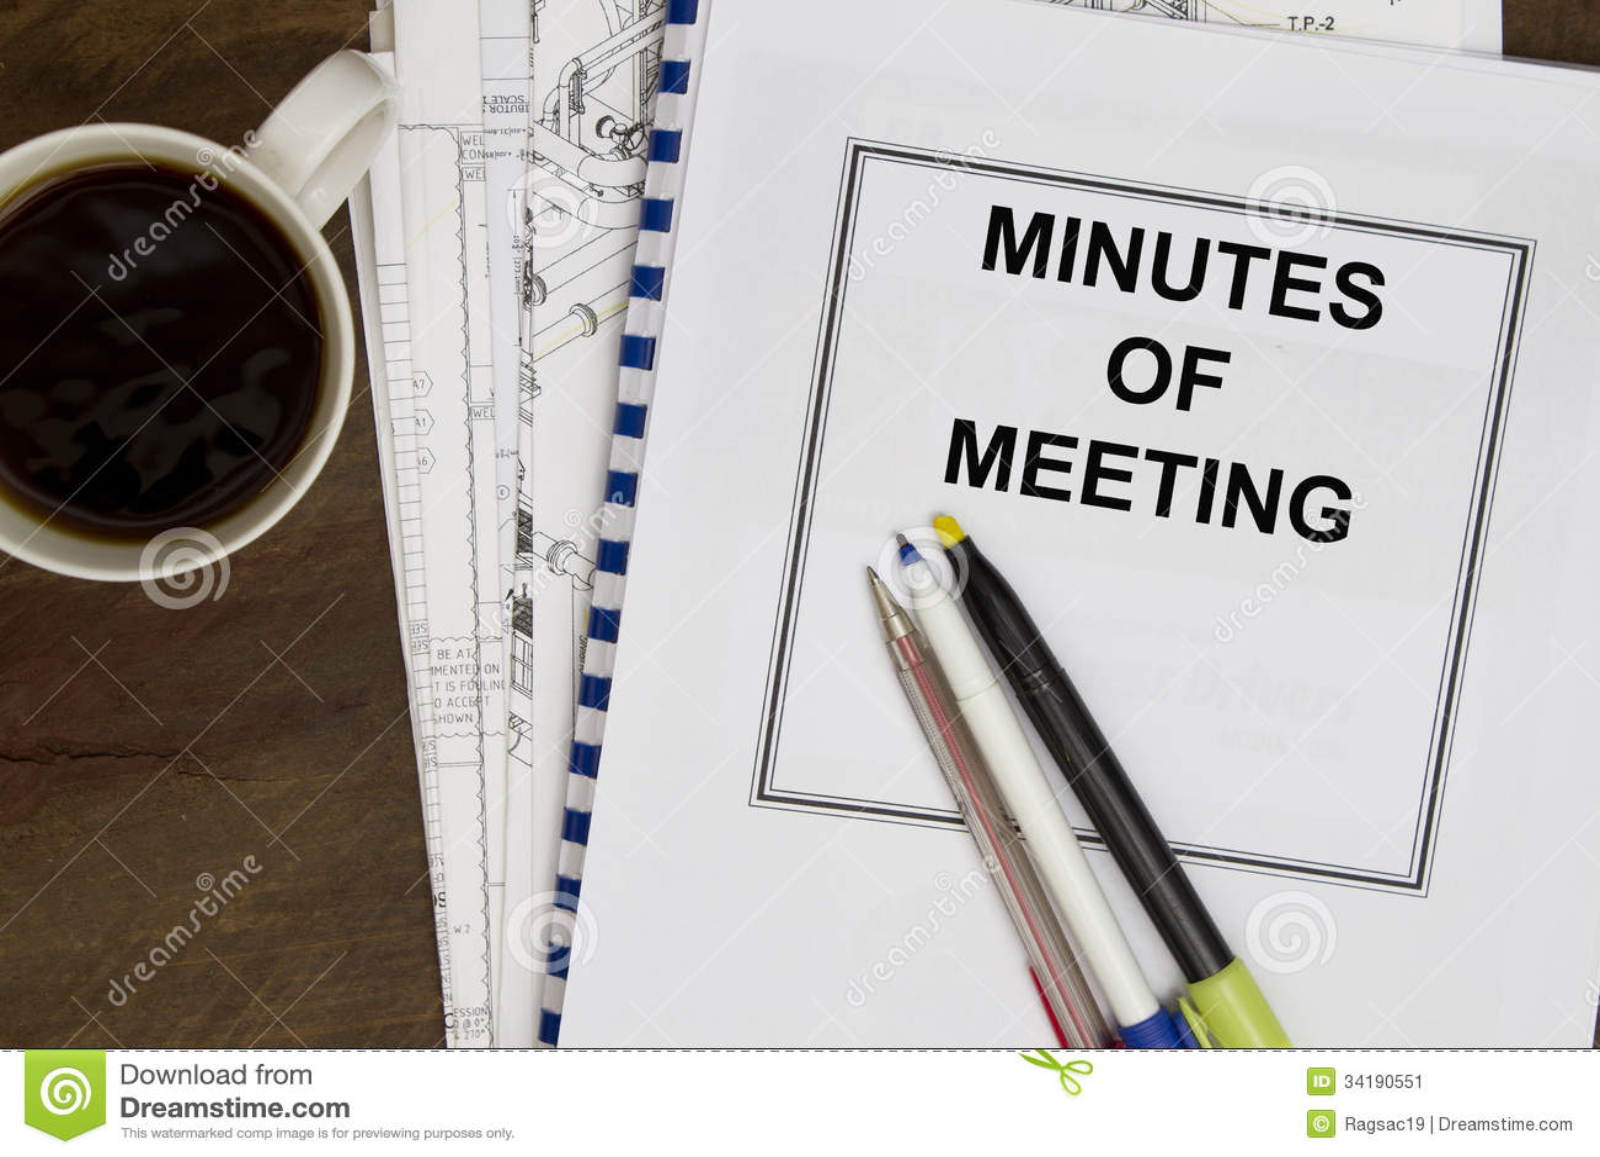 taking minutes in meetings